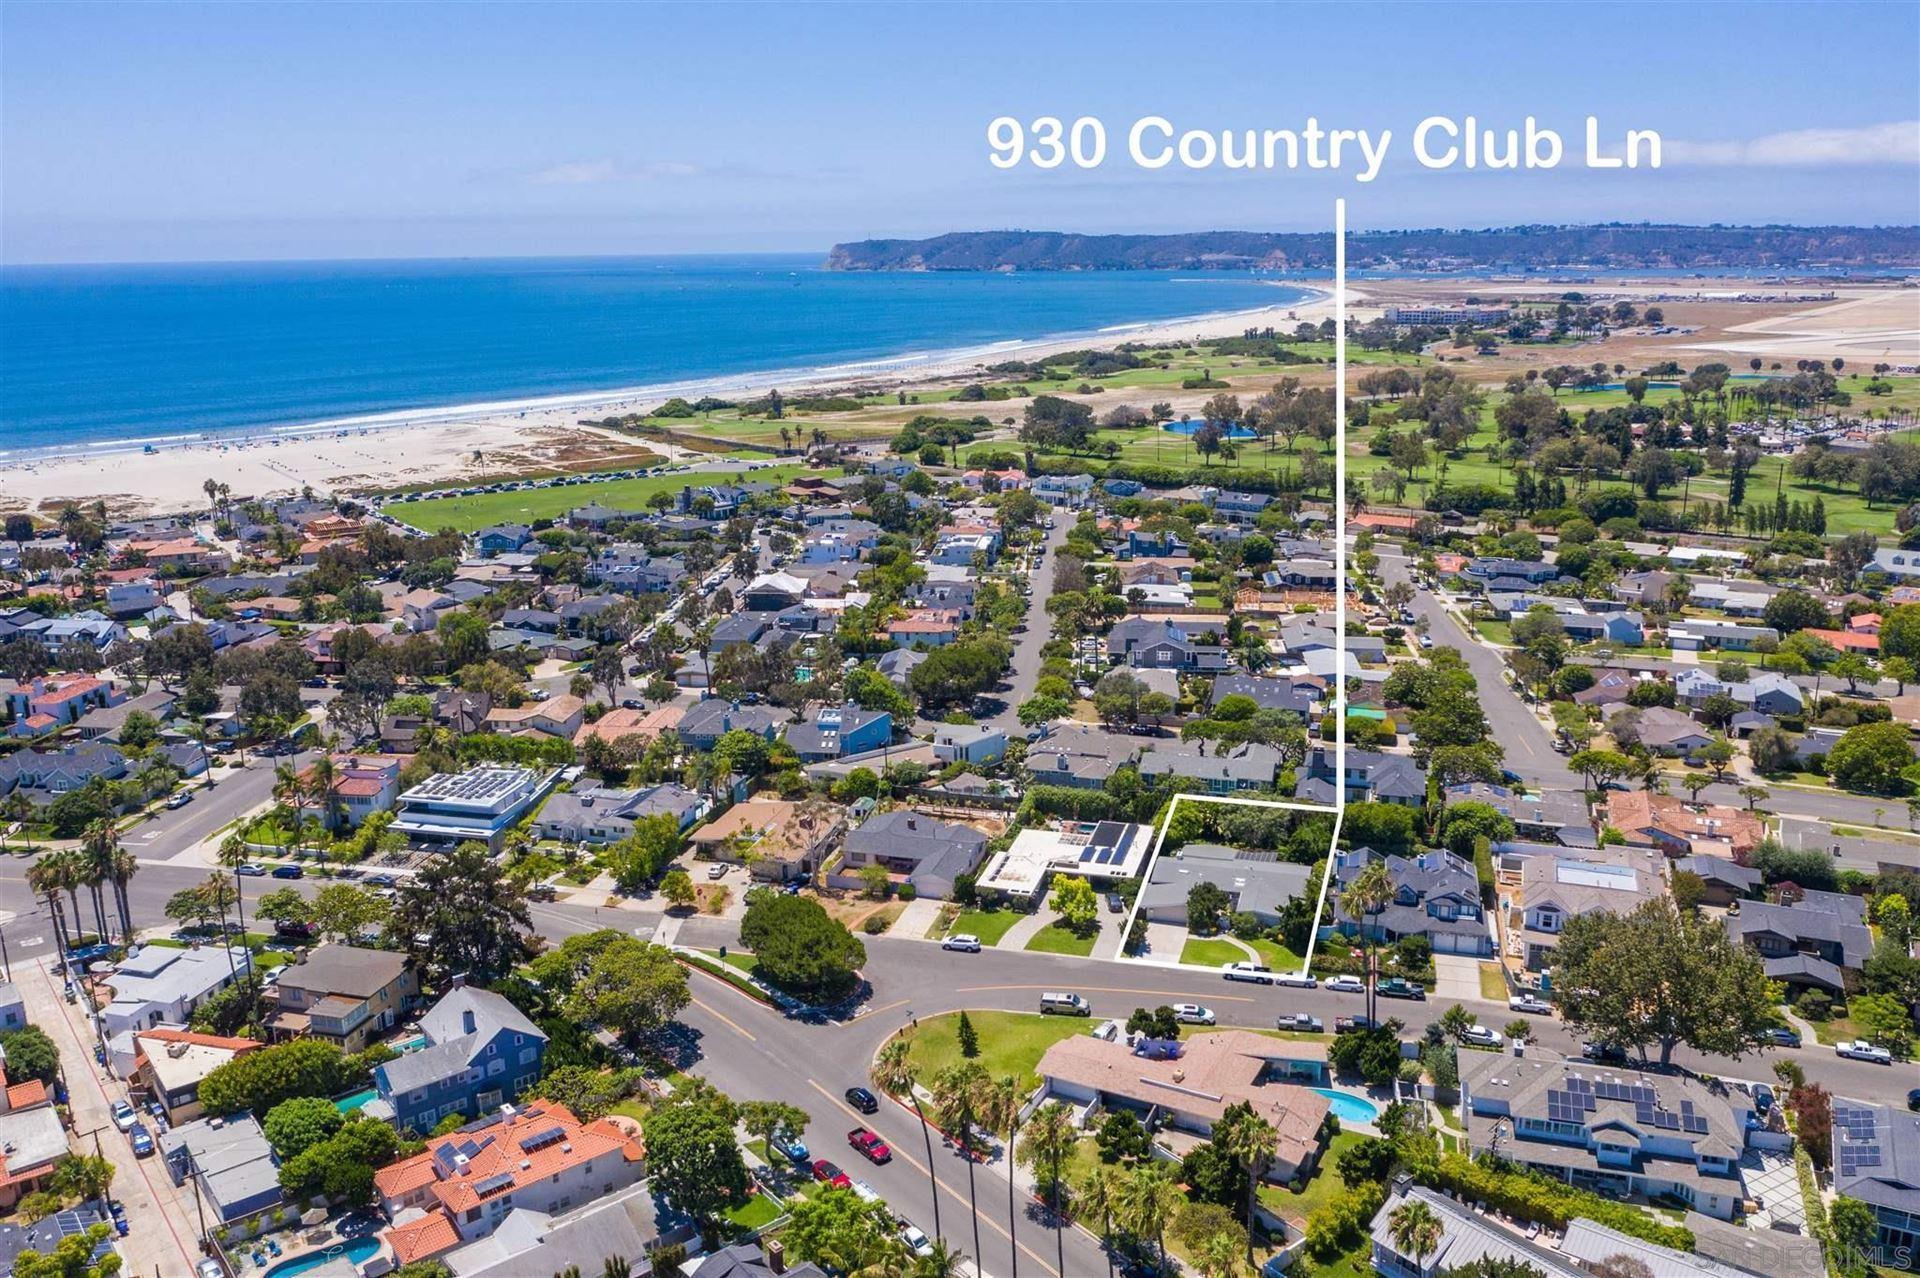 Photo of 930 Country Club Lane, Coronado, CA 92118 (MLS # 210021473)